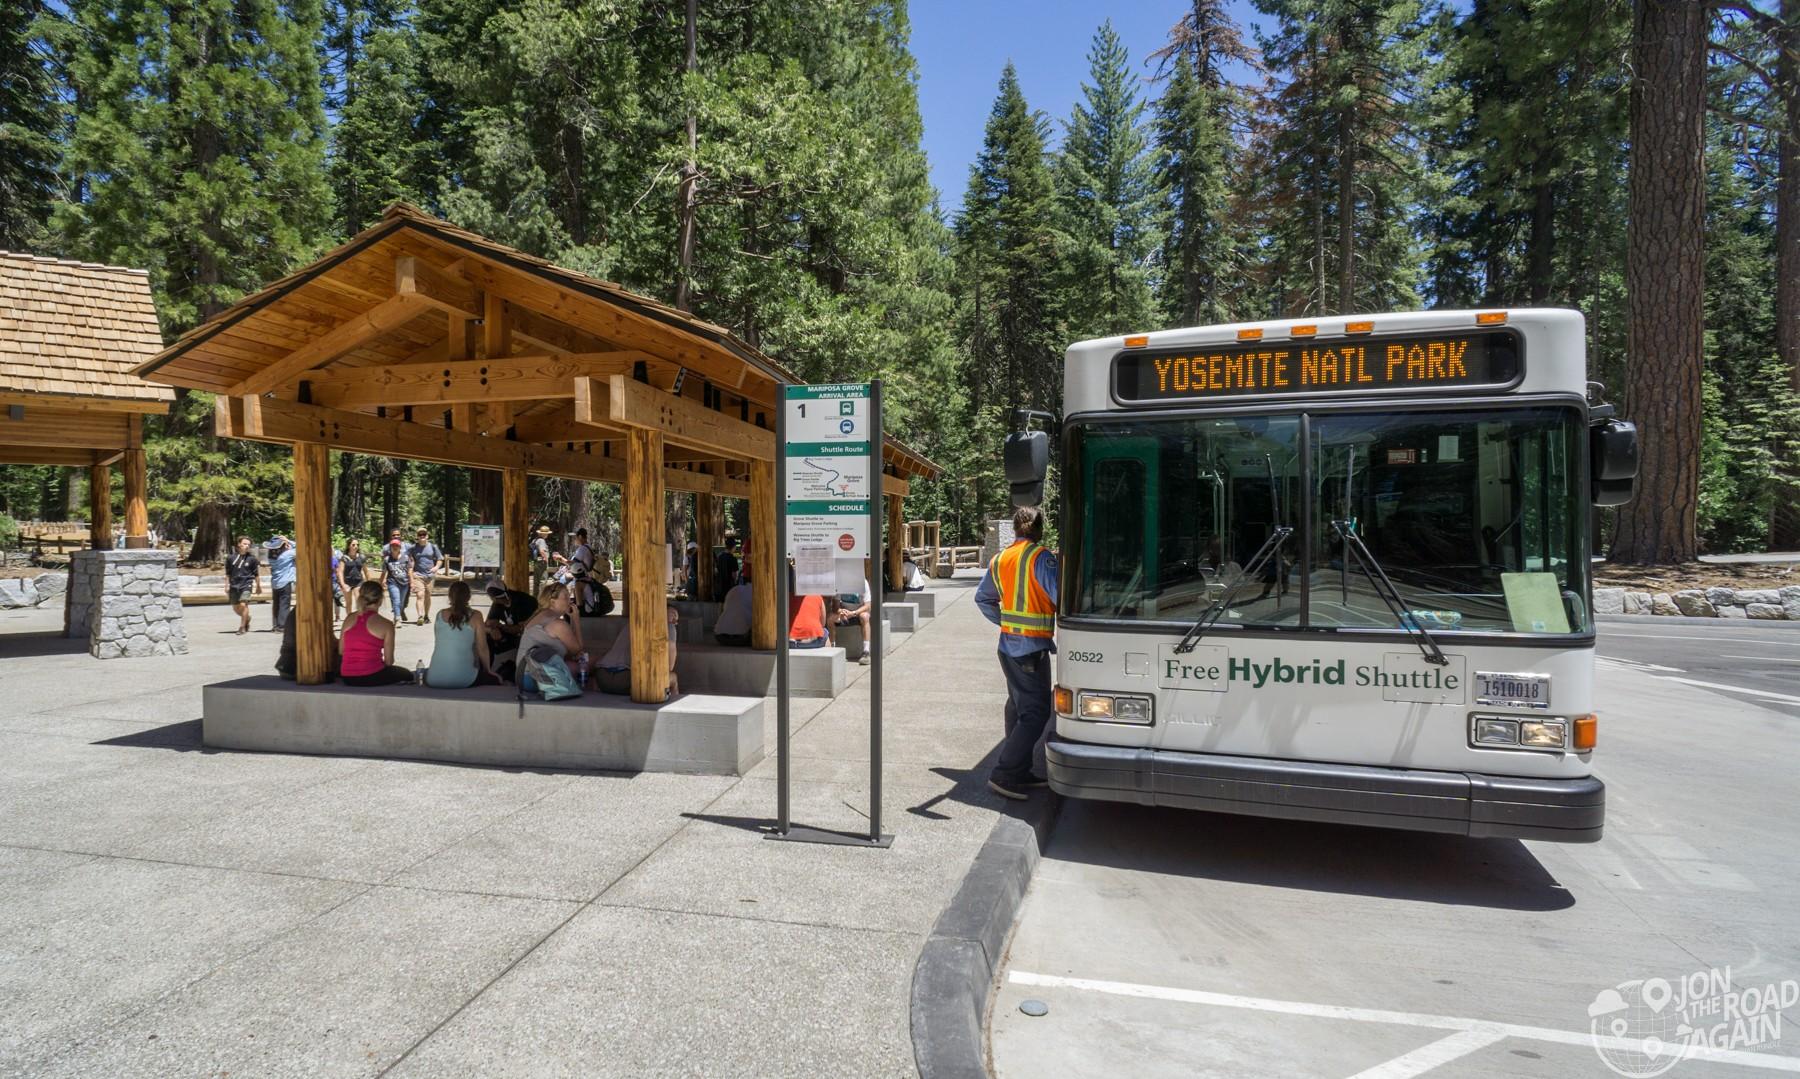 Mariposa Grove Shuttle Bus